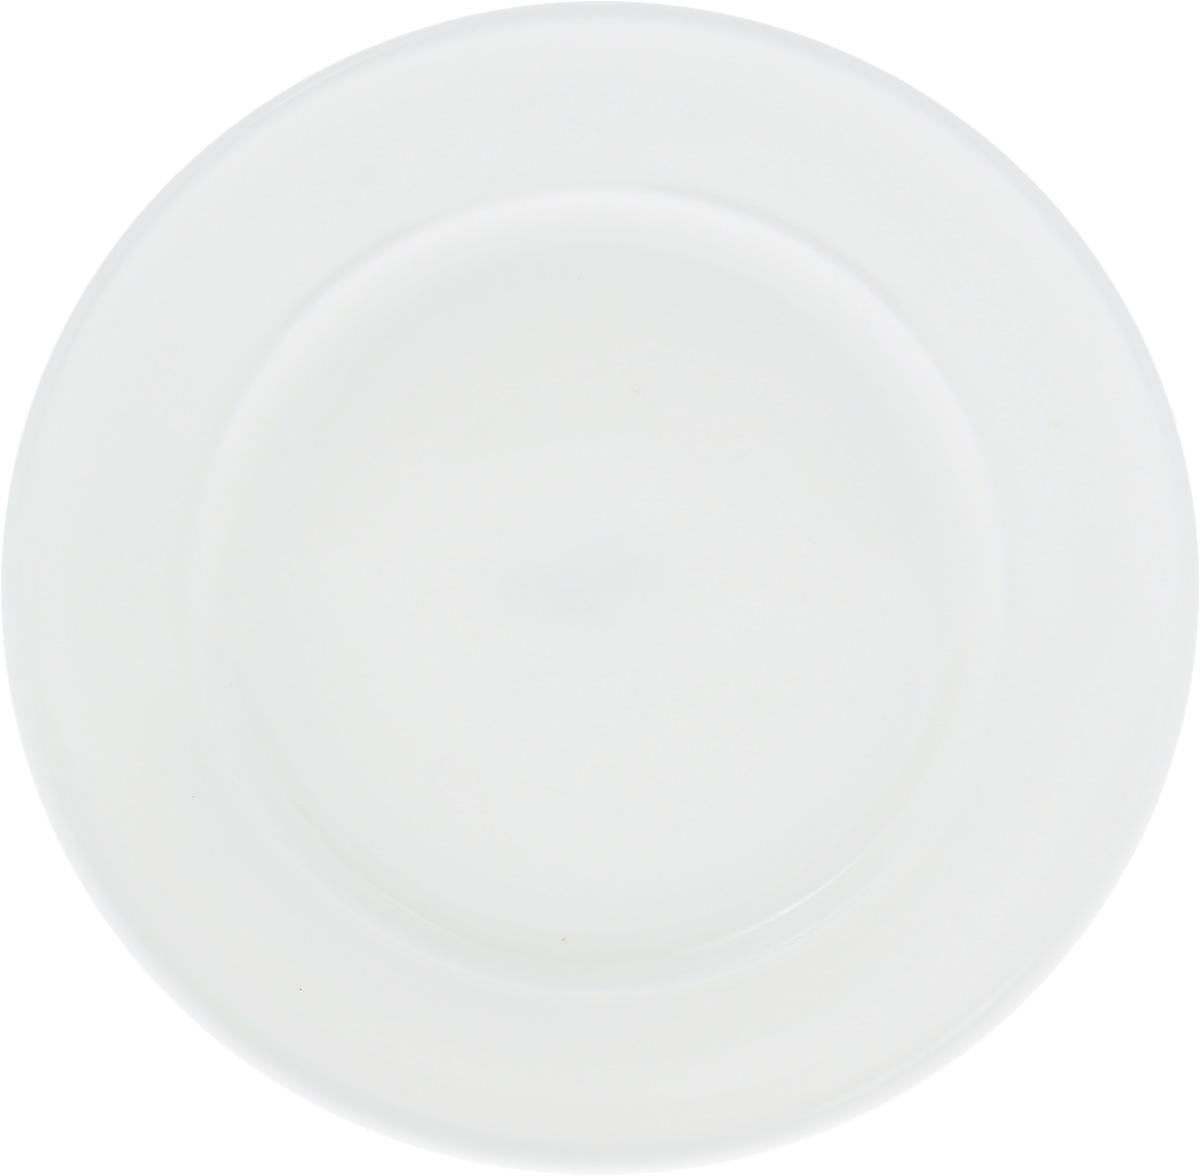 Блюдце Wilmax, диаметр 15 смWL-991238 / AБлюдце Wilmax, изготовленное из высококачественного фарфора, имеет классическую круглую форму. Оригинальный дизайн придется по вкусу и ценителям классики, и тем, кто предпочитает утонченность и изысканность. Блюдце Wilmax идеально подойдет для сервировки стола и станет отличным подарком к любому празднику.